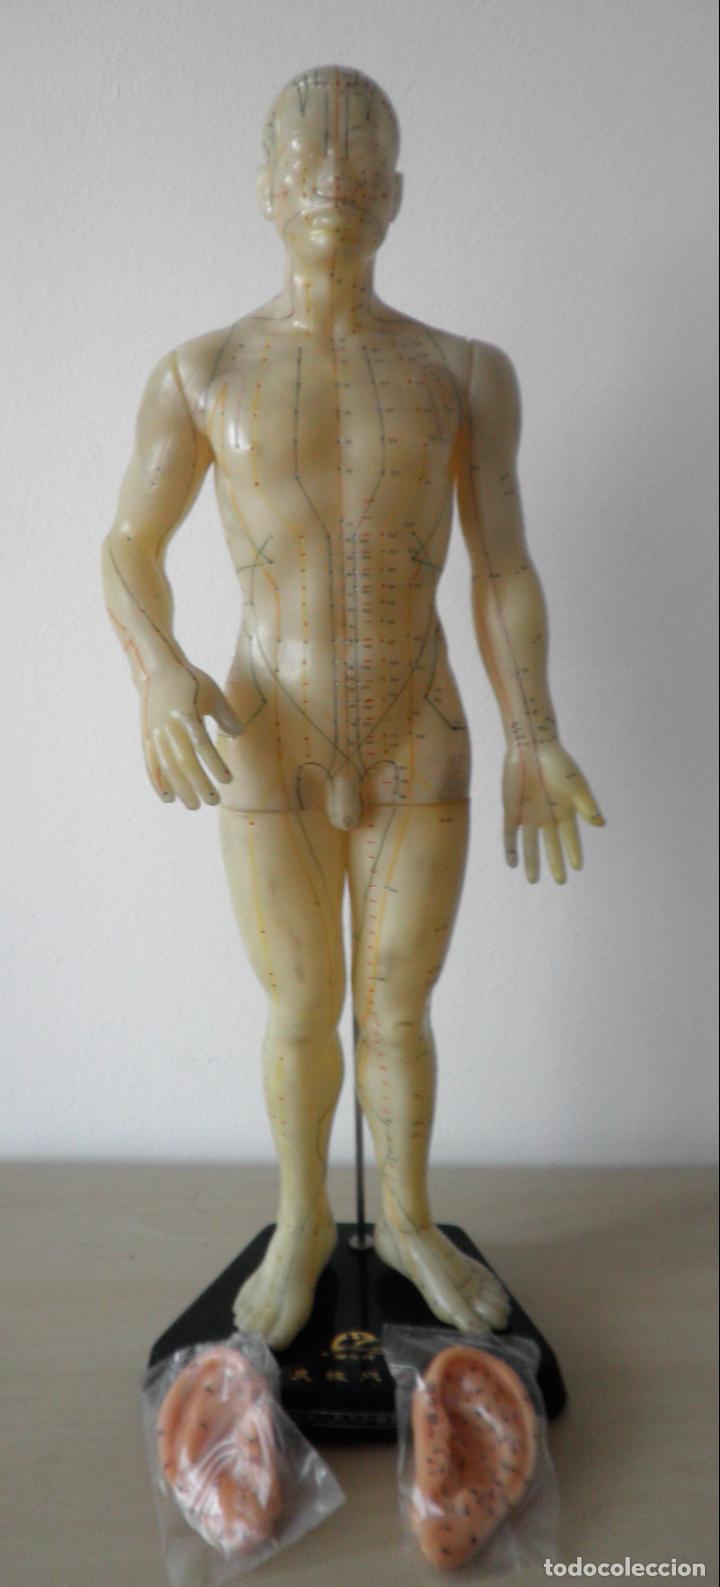 Antigüedades: MODELO DE ACUPUNTURA CHINO - ORIGINAL AÑOS 60. - Foto 7 - 133954186